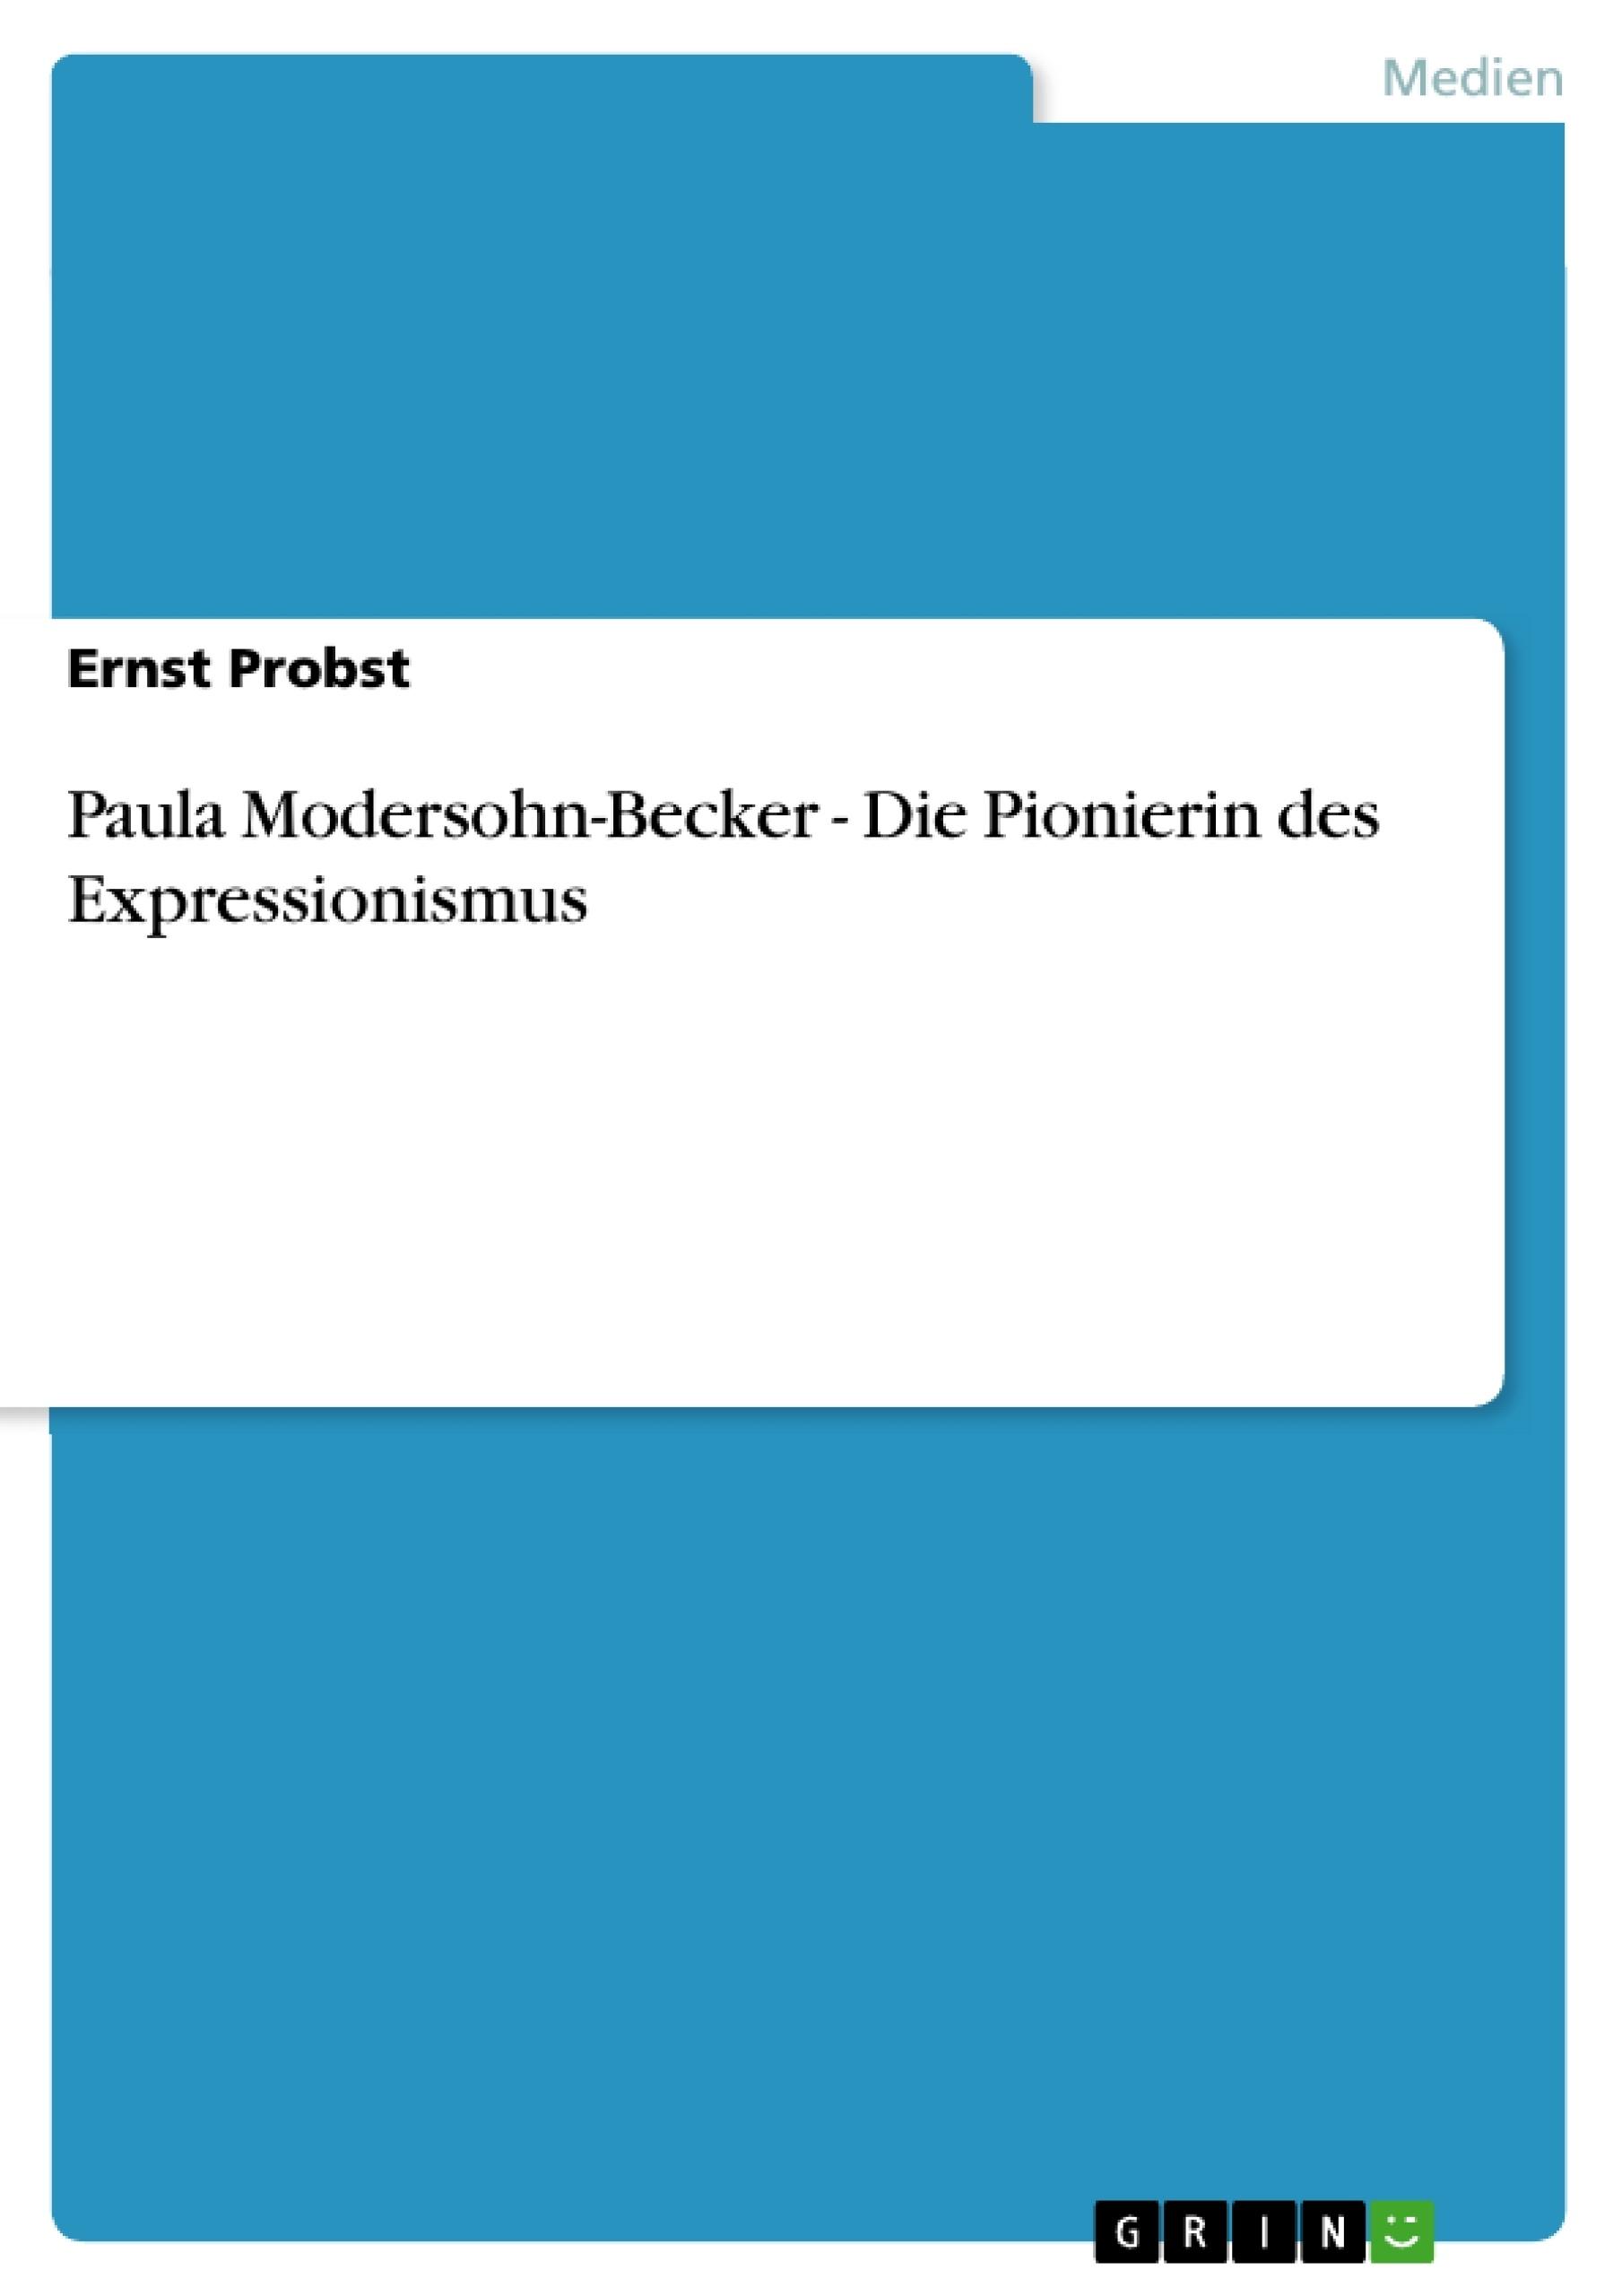 Titel: Paula Modersohn-Becker - Die Pionierin des Expressionismus